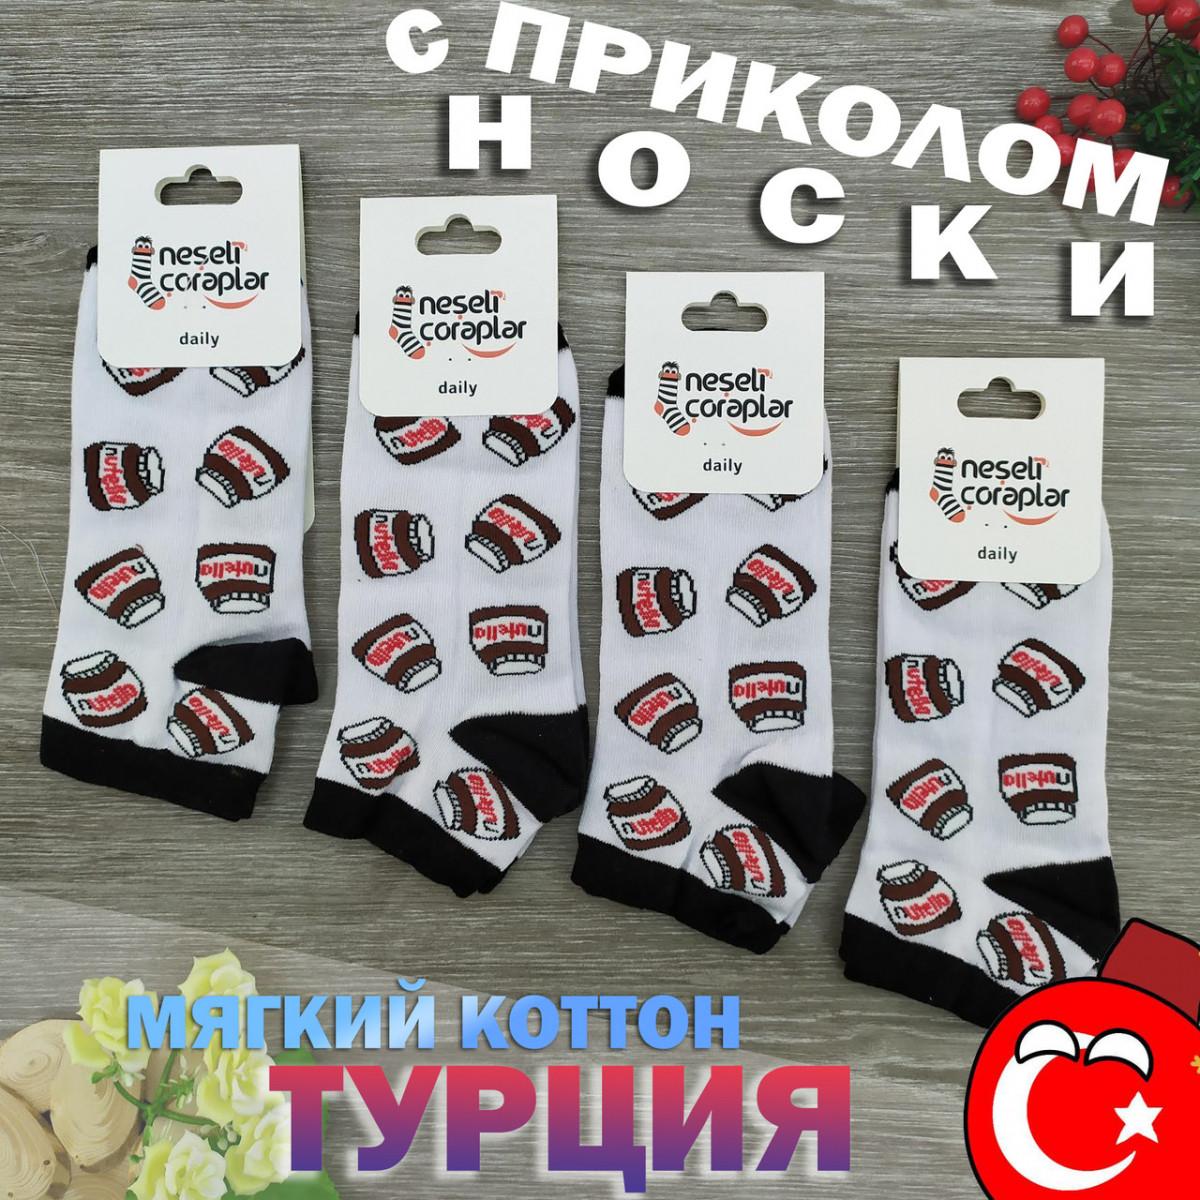 Носки с приколами демисезонные короткие Neseli Coraplar 5857 Nutella Турция one size (37-44р) 20036263